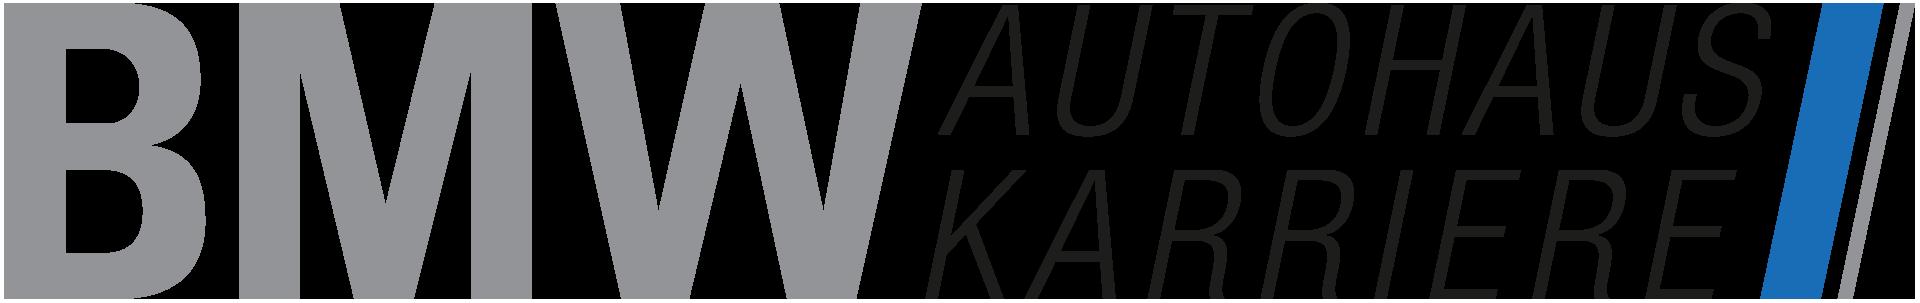 BMW Autohaus Karriere